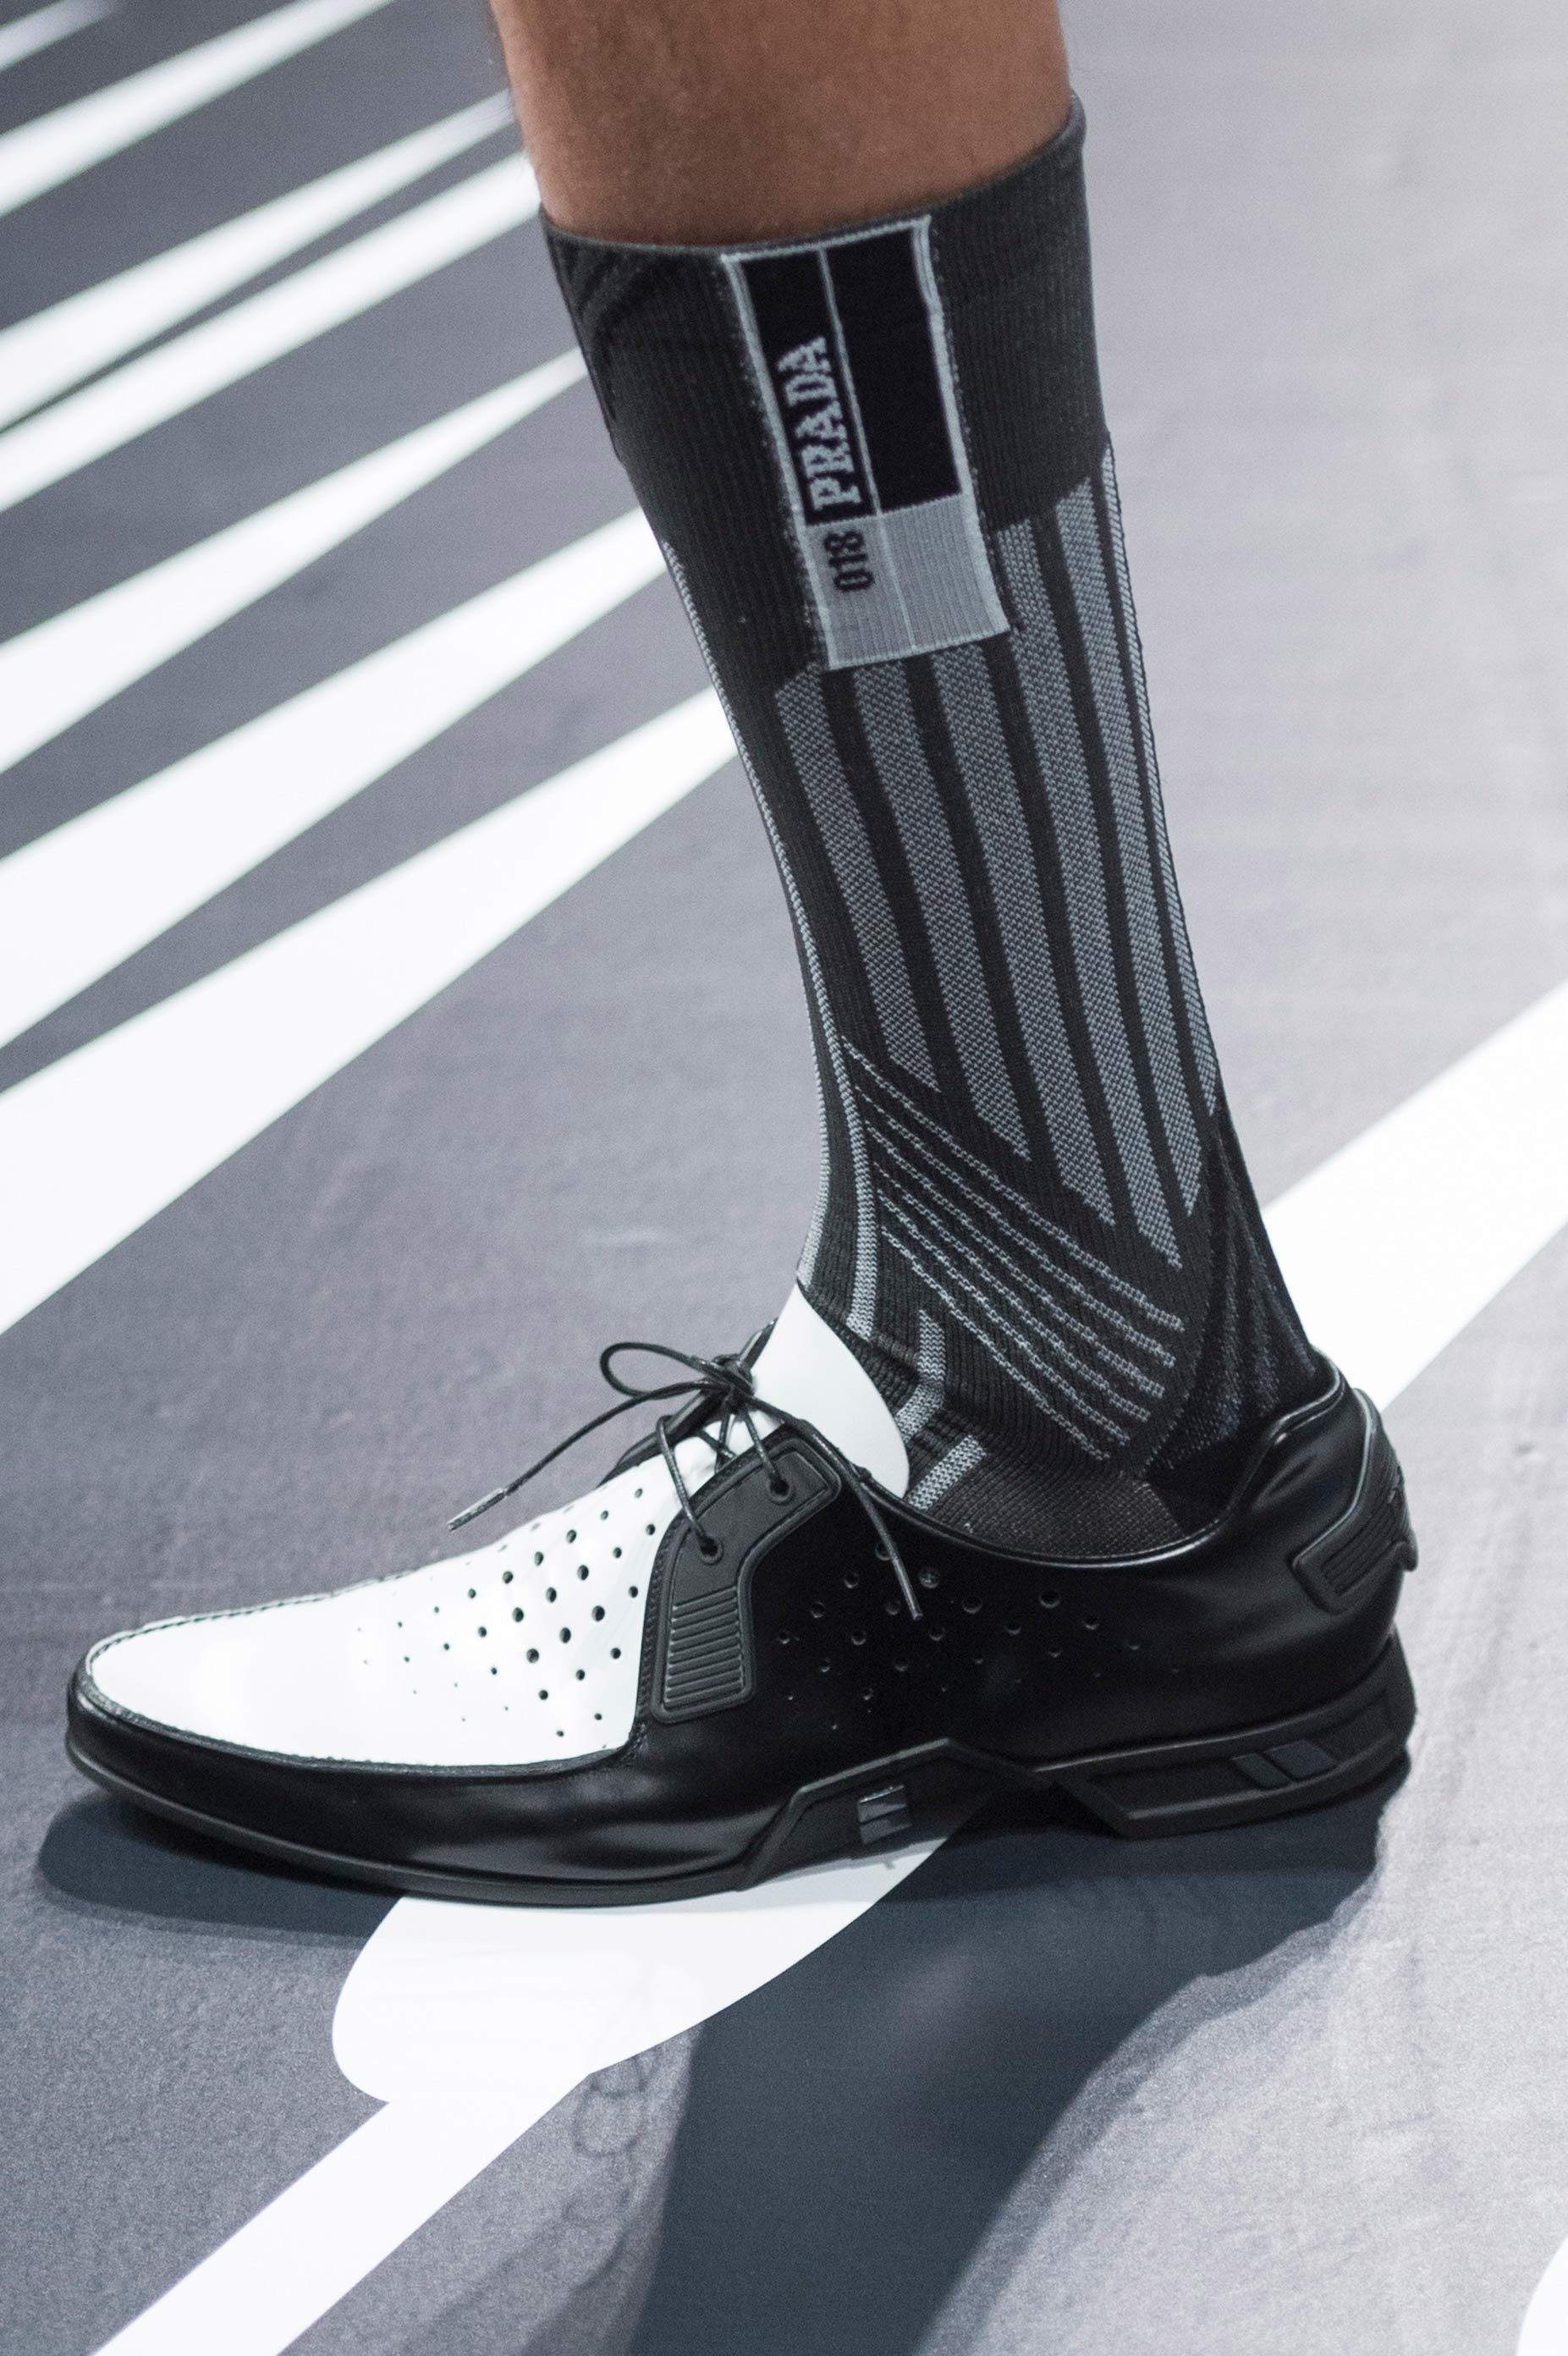 Cómics en tus pies: los zapatos que Prada presentó en eu colección primavera-verano. Foto: WGSN.